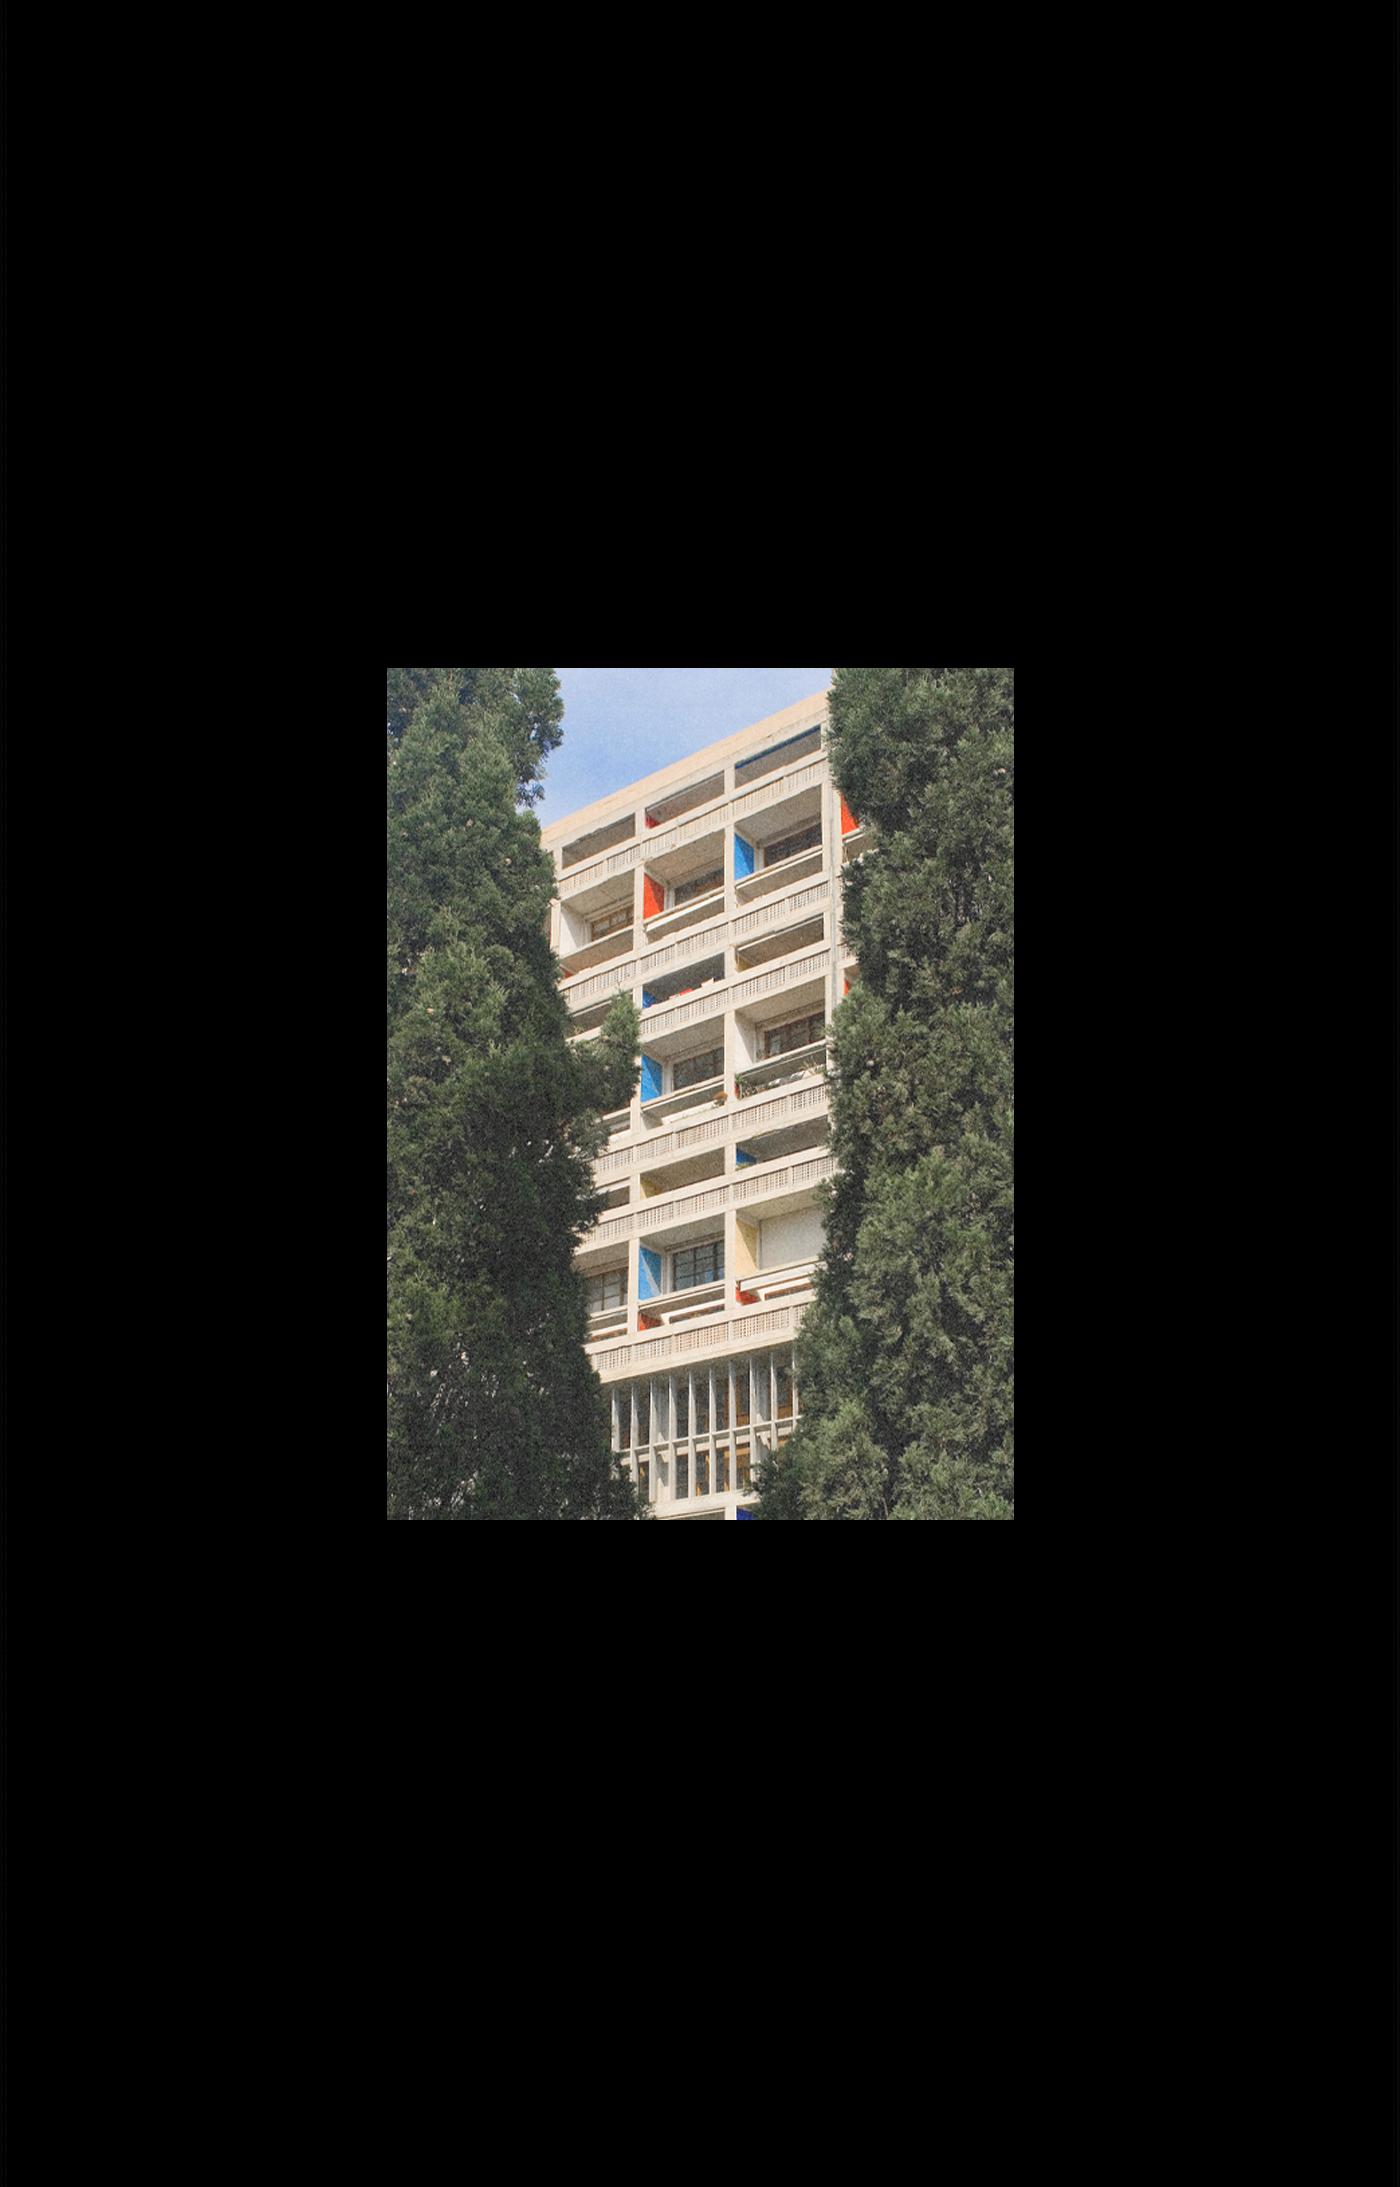 Revisiting Le Corbusier's Vertical Village